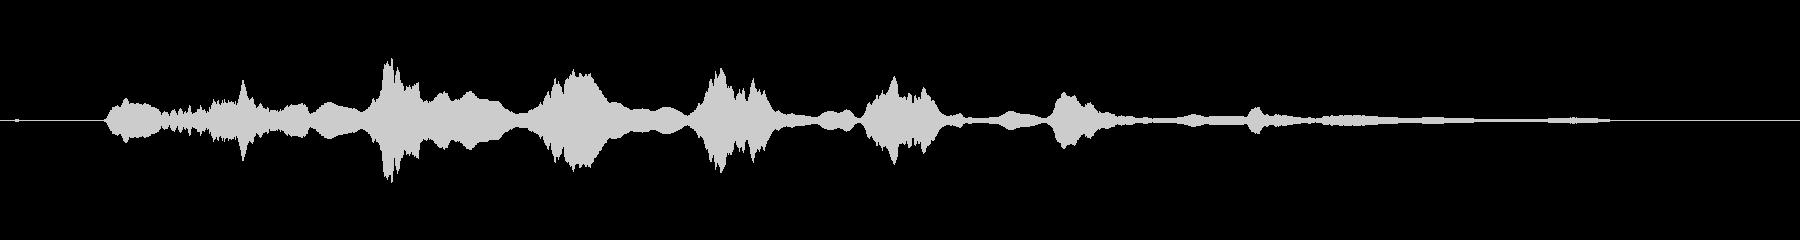 寂しい時に発するプードルの奇妙な鳴き声の未再生の波形